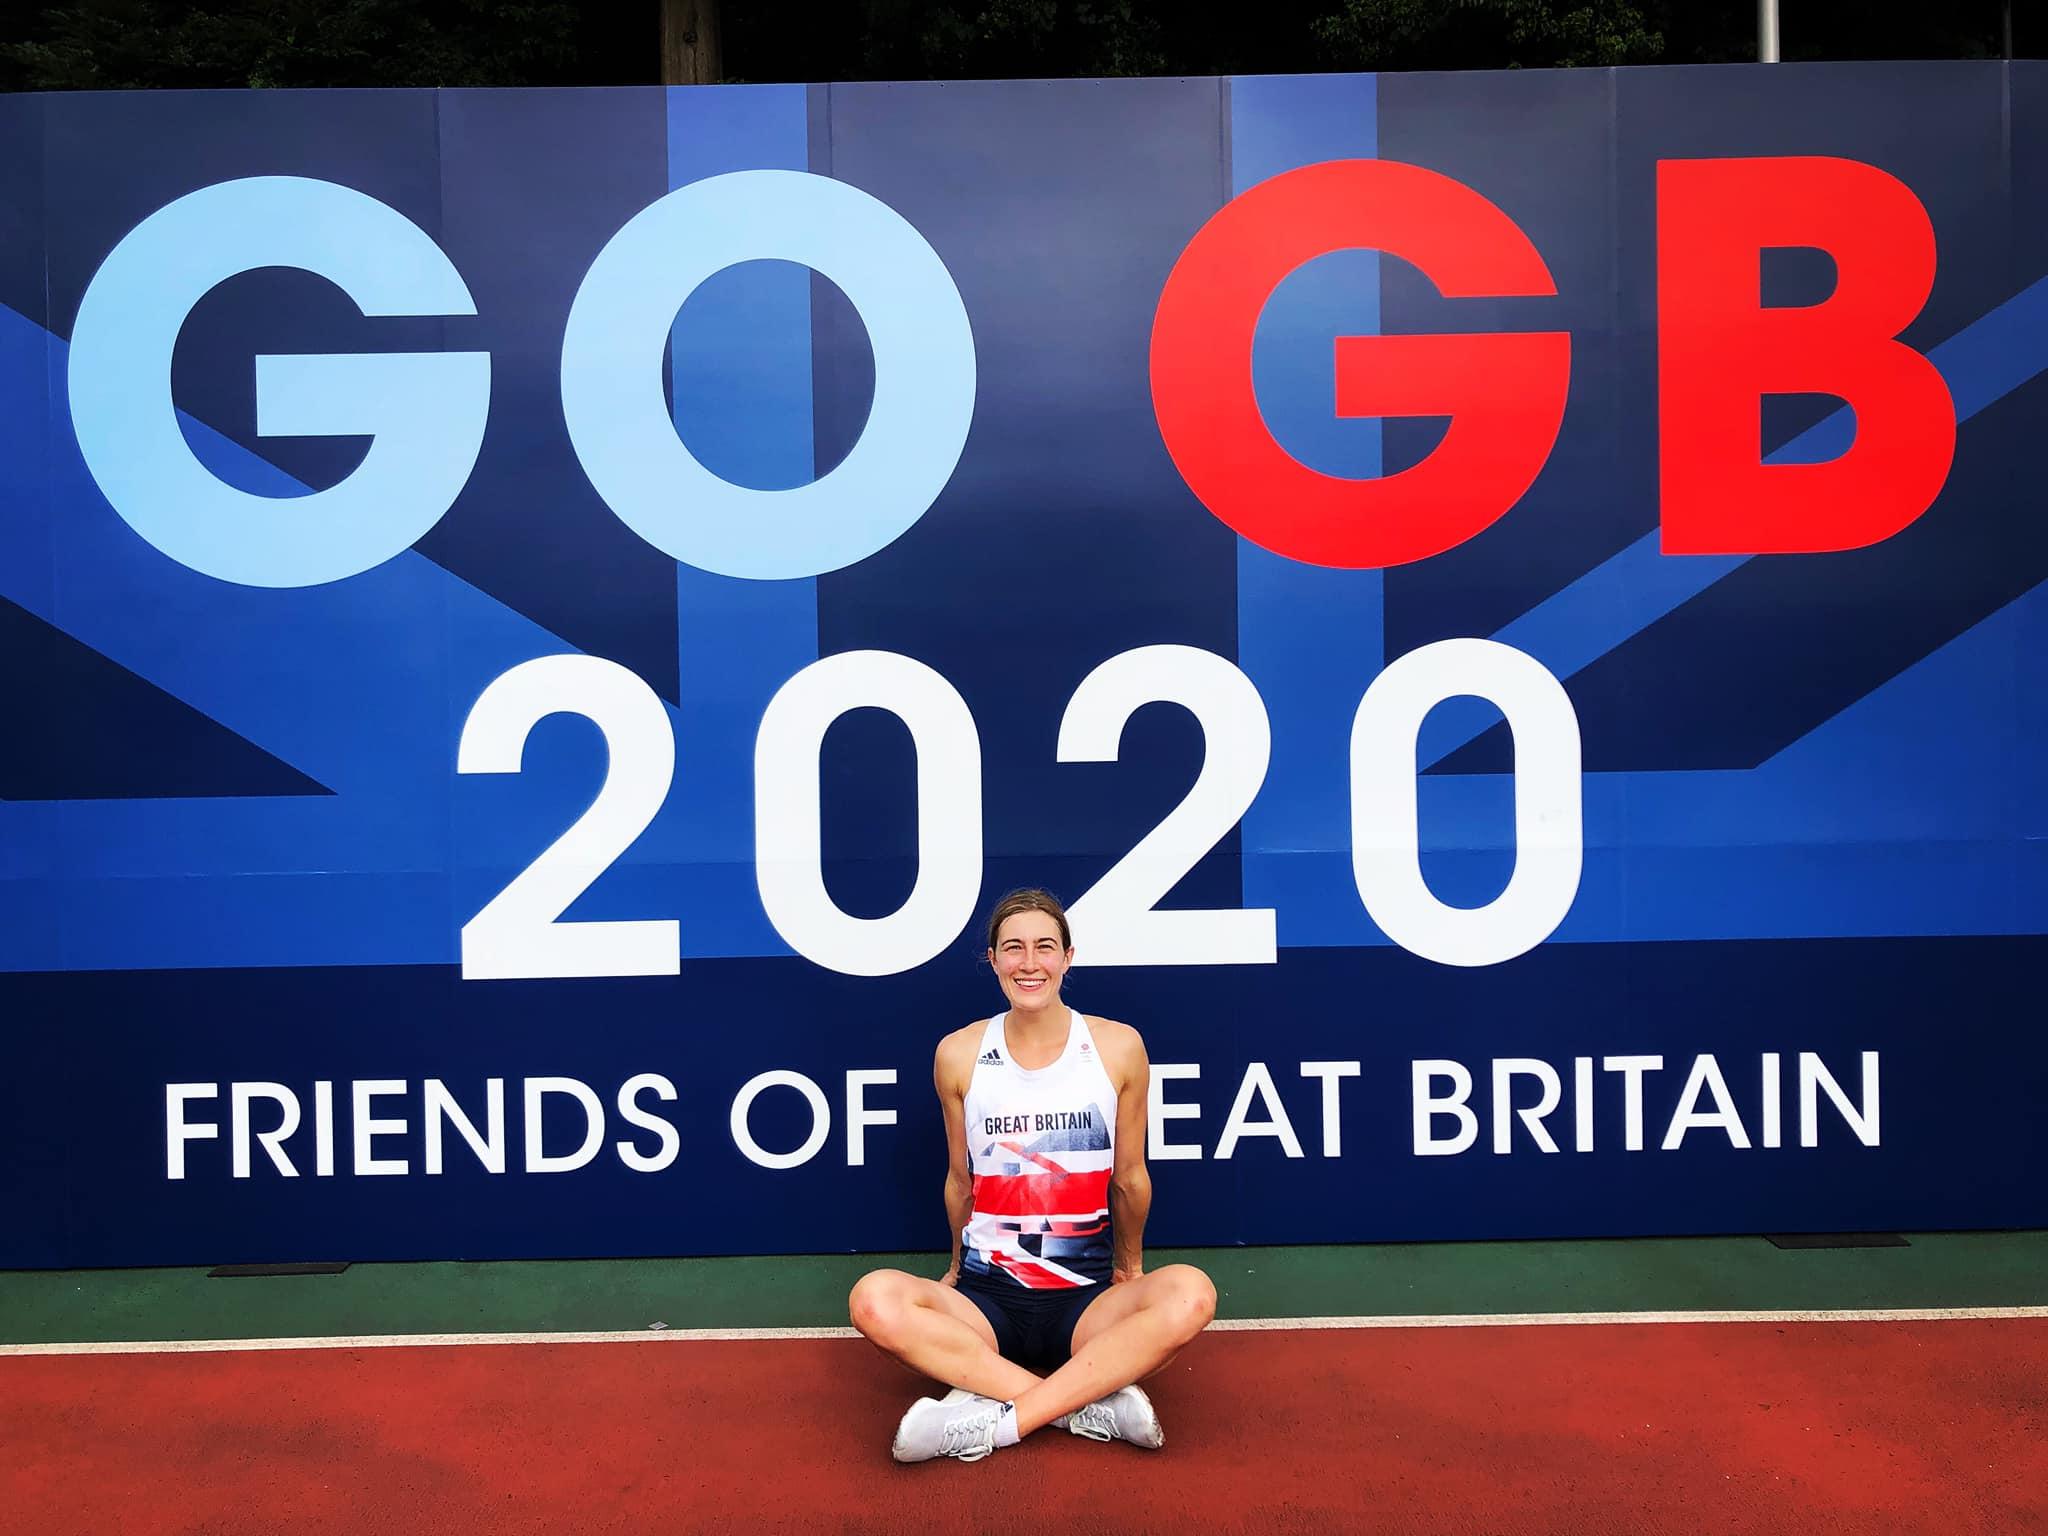 Olympian Jo in fundraising plea